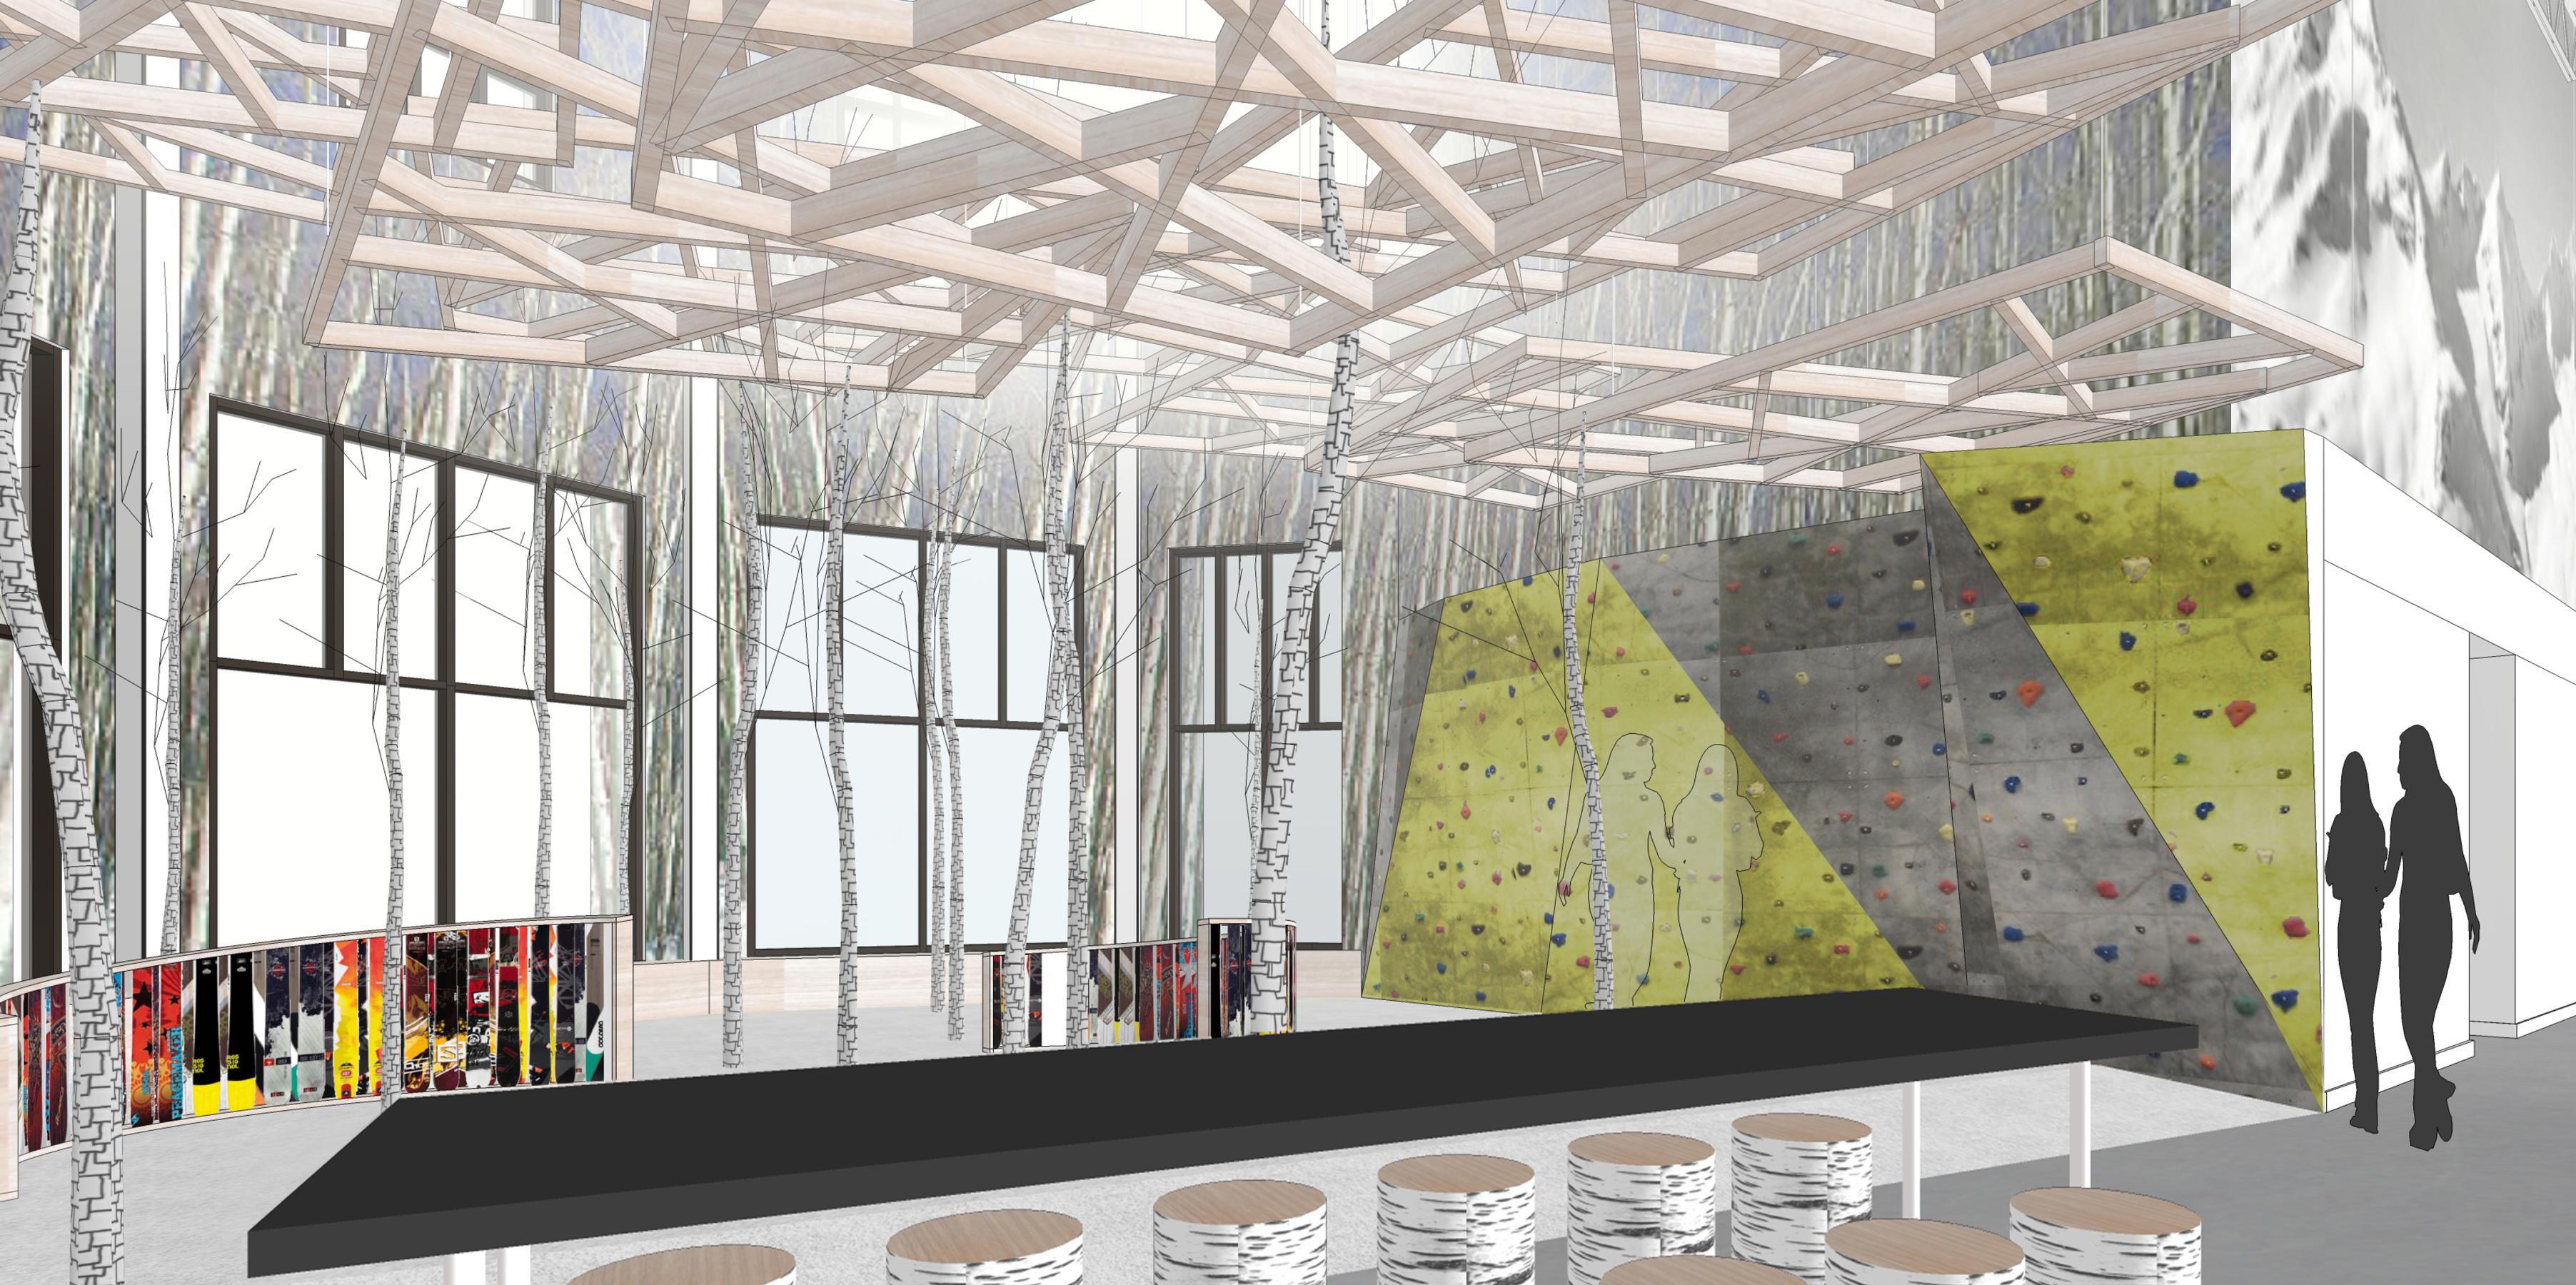 Snobahn ski + snowboard open studio architecture OSA indoor skiing learning forest